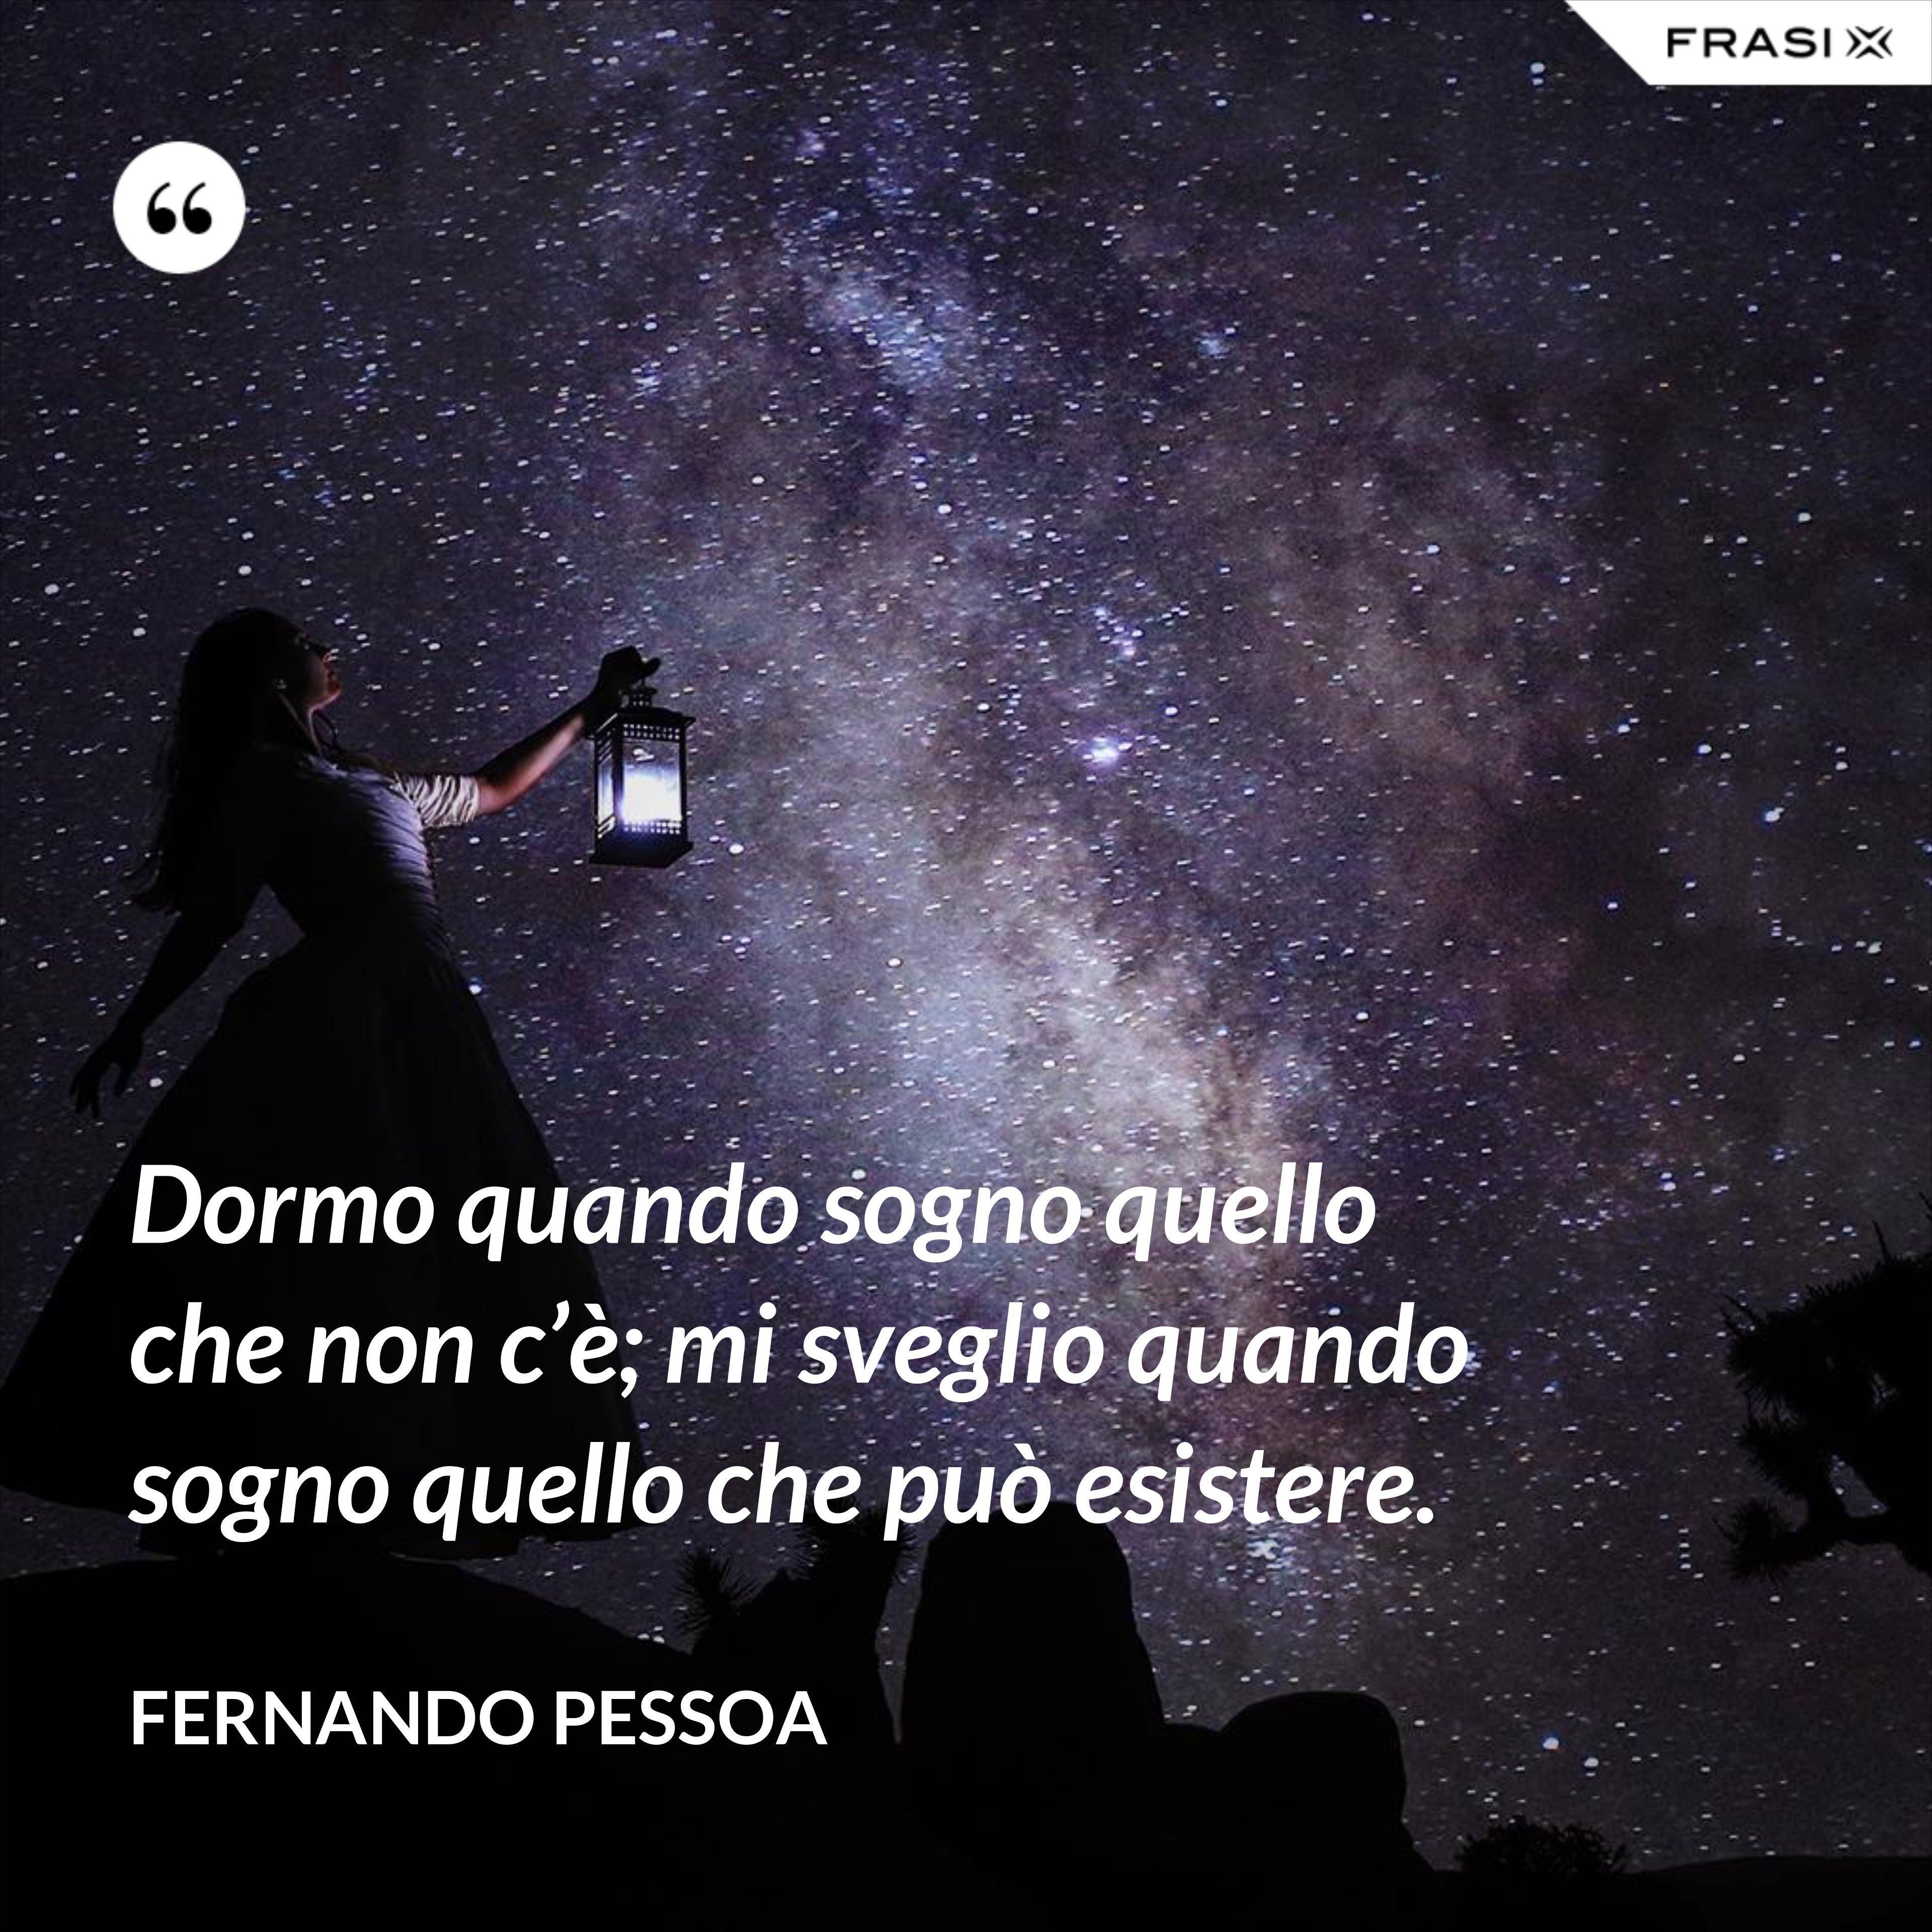 Dormo quando sogno quello che non c'è; mi sveglio quando sogno quello che può esistere. - Fernando Pessoa